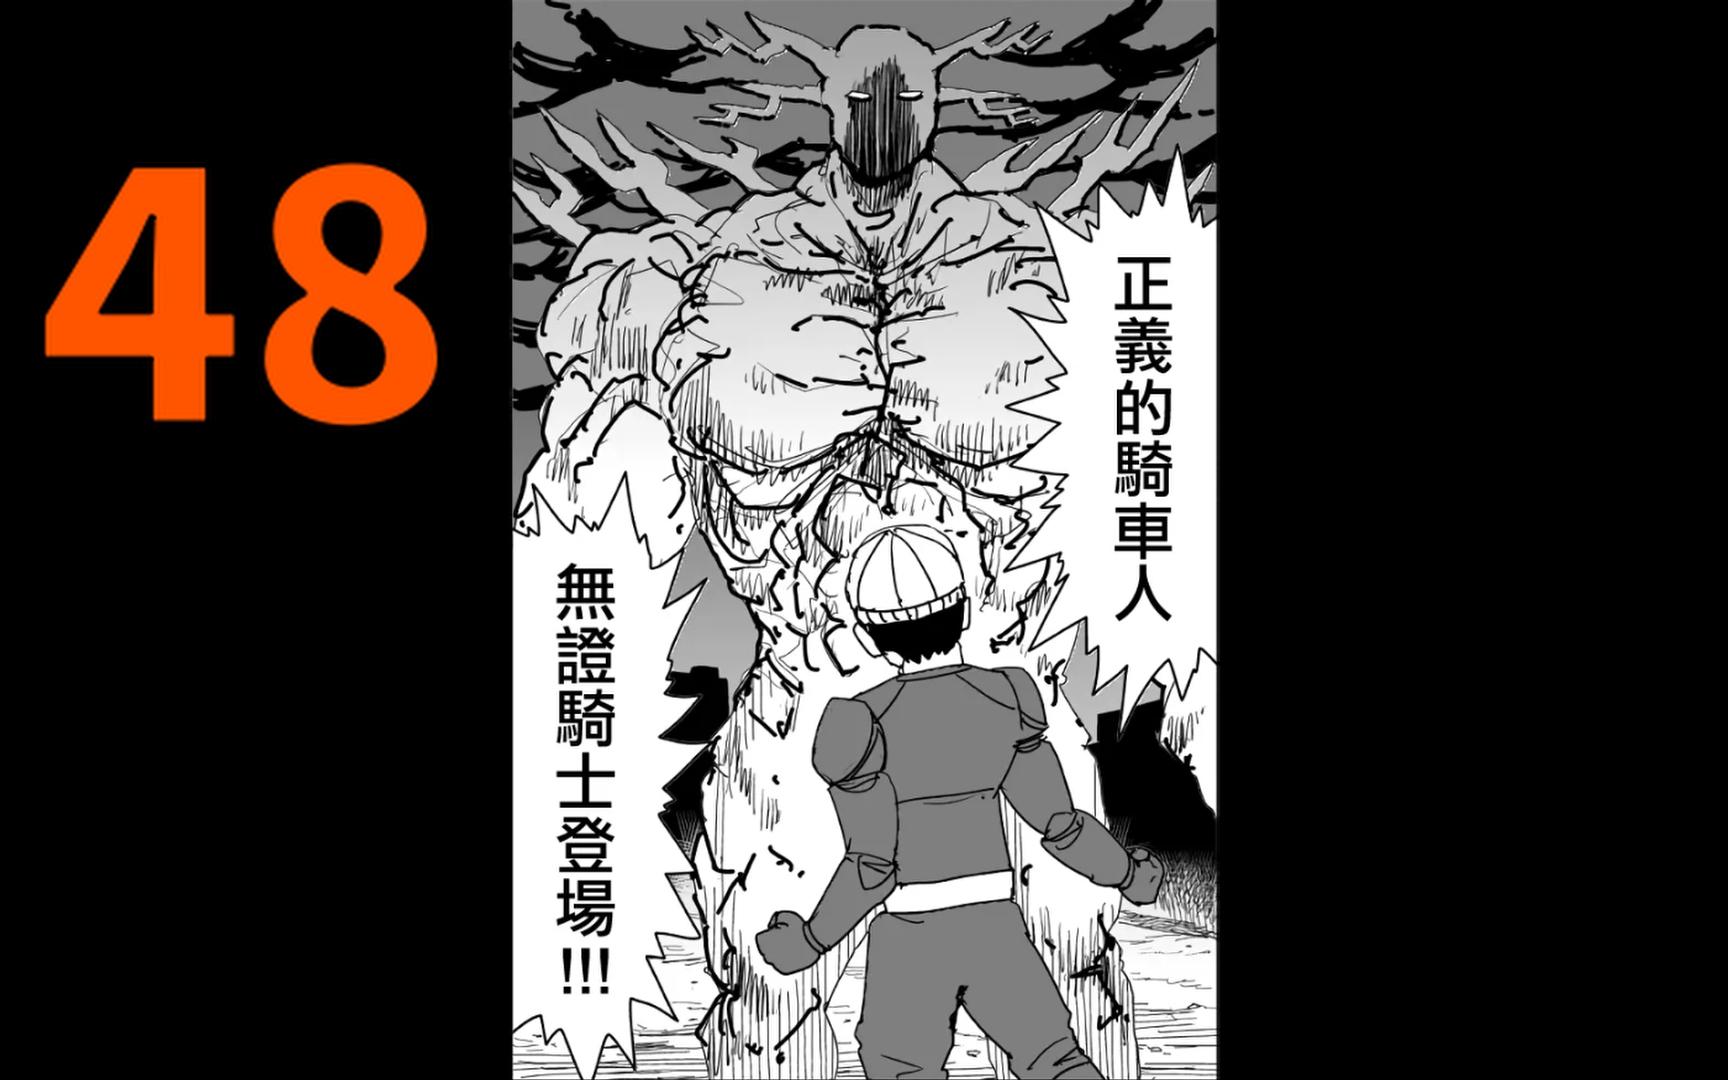 (一拳超人)无证骑士终于变强!什么才是真正的英雄?僵尸男的神秘训练 原作解说48